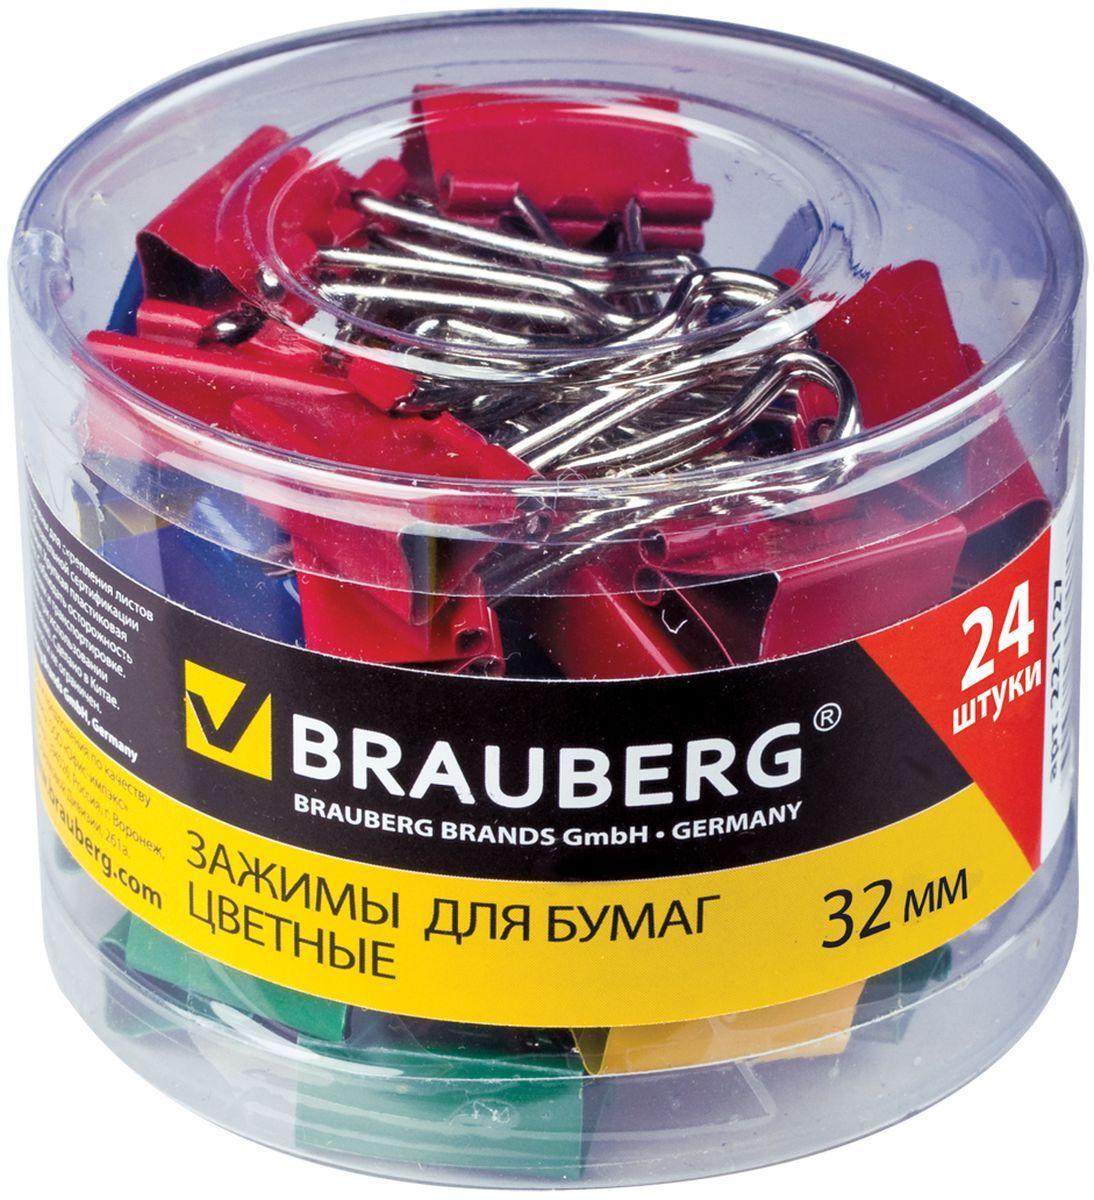 Brauberg Зажим для бумаг 32 мм 24 штFS-54100Зажимы для бумаг Brauberg предназначены для скрепления документов без использования степлера. Практичны и удобны в использовании. Скрепляют до 140 листов.